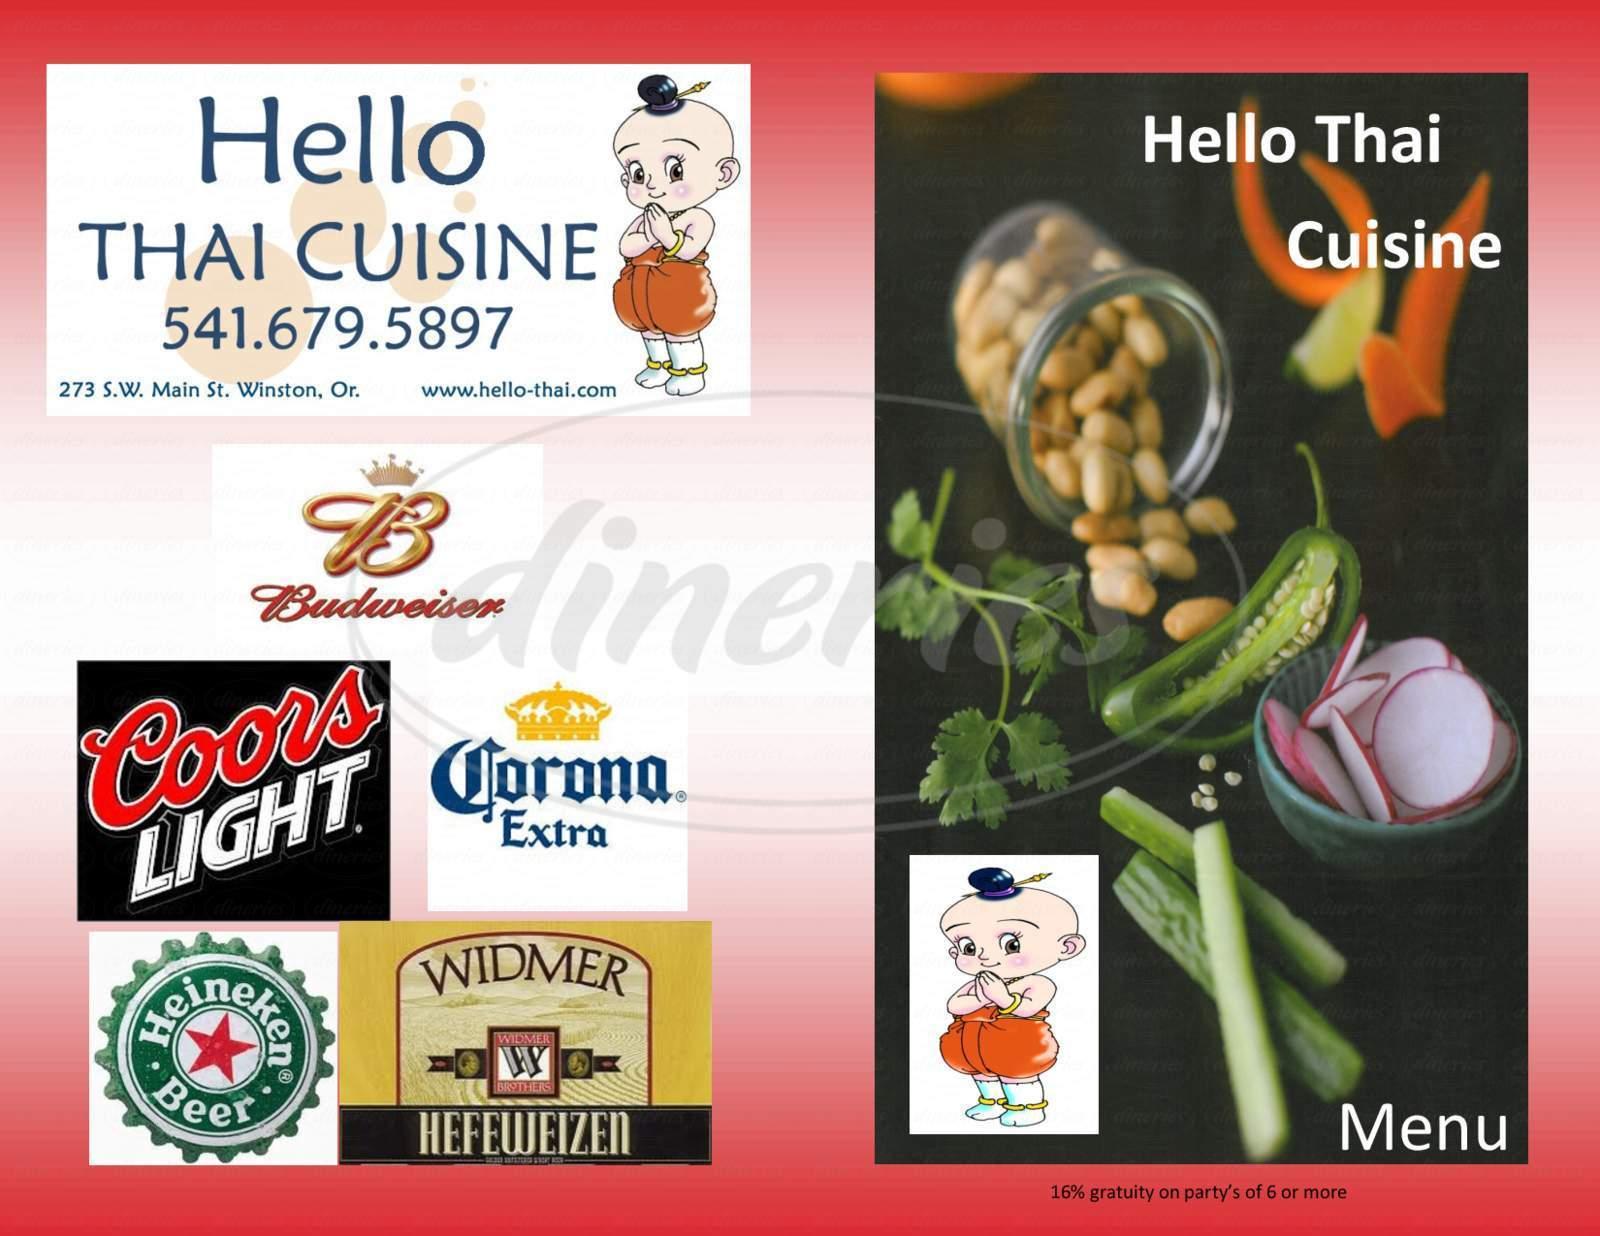 menu for Hello Thai Cuisine